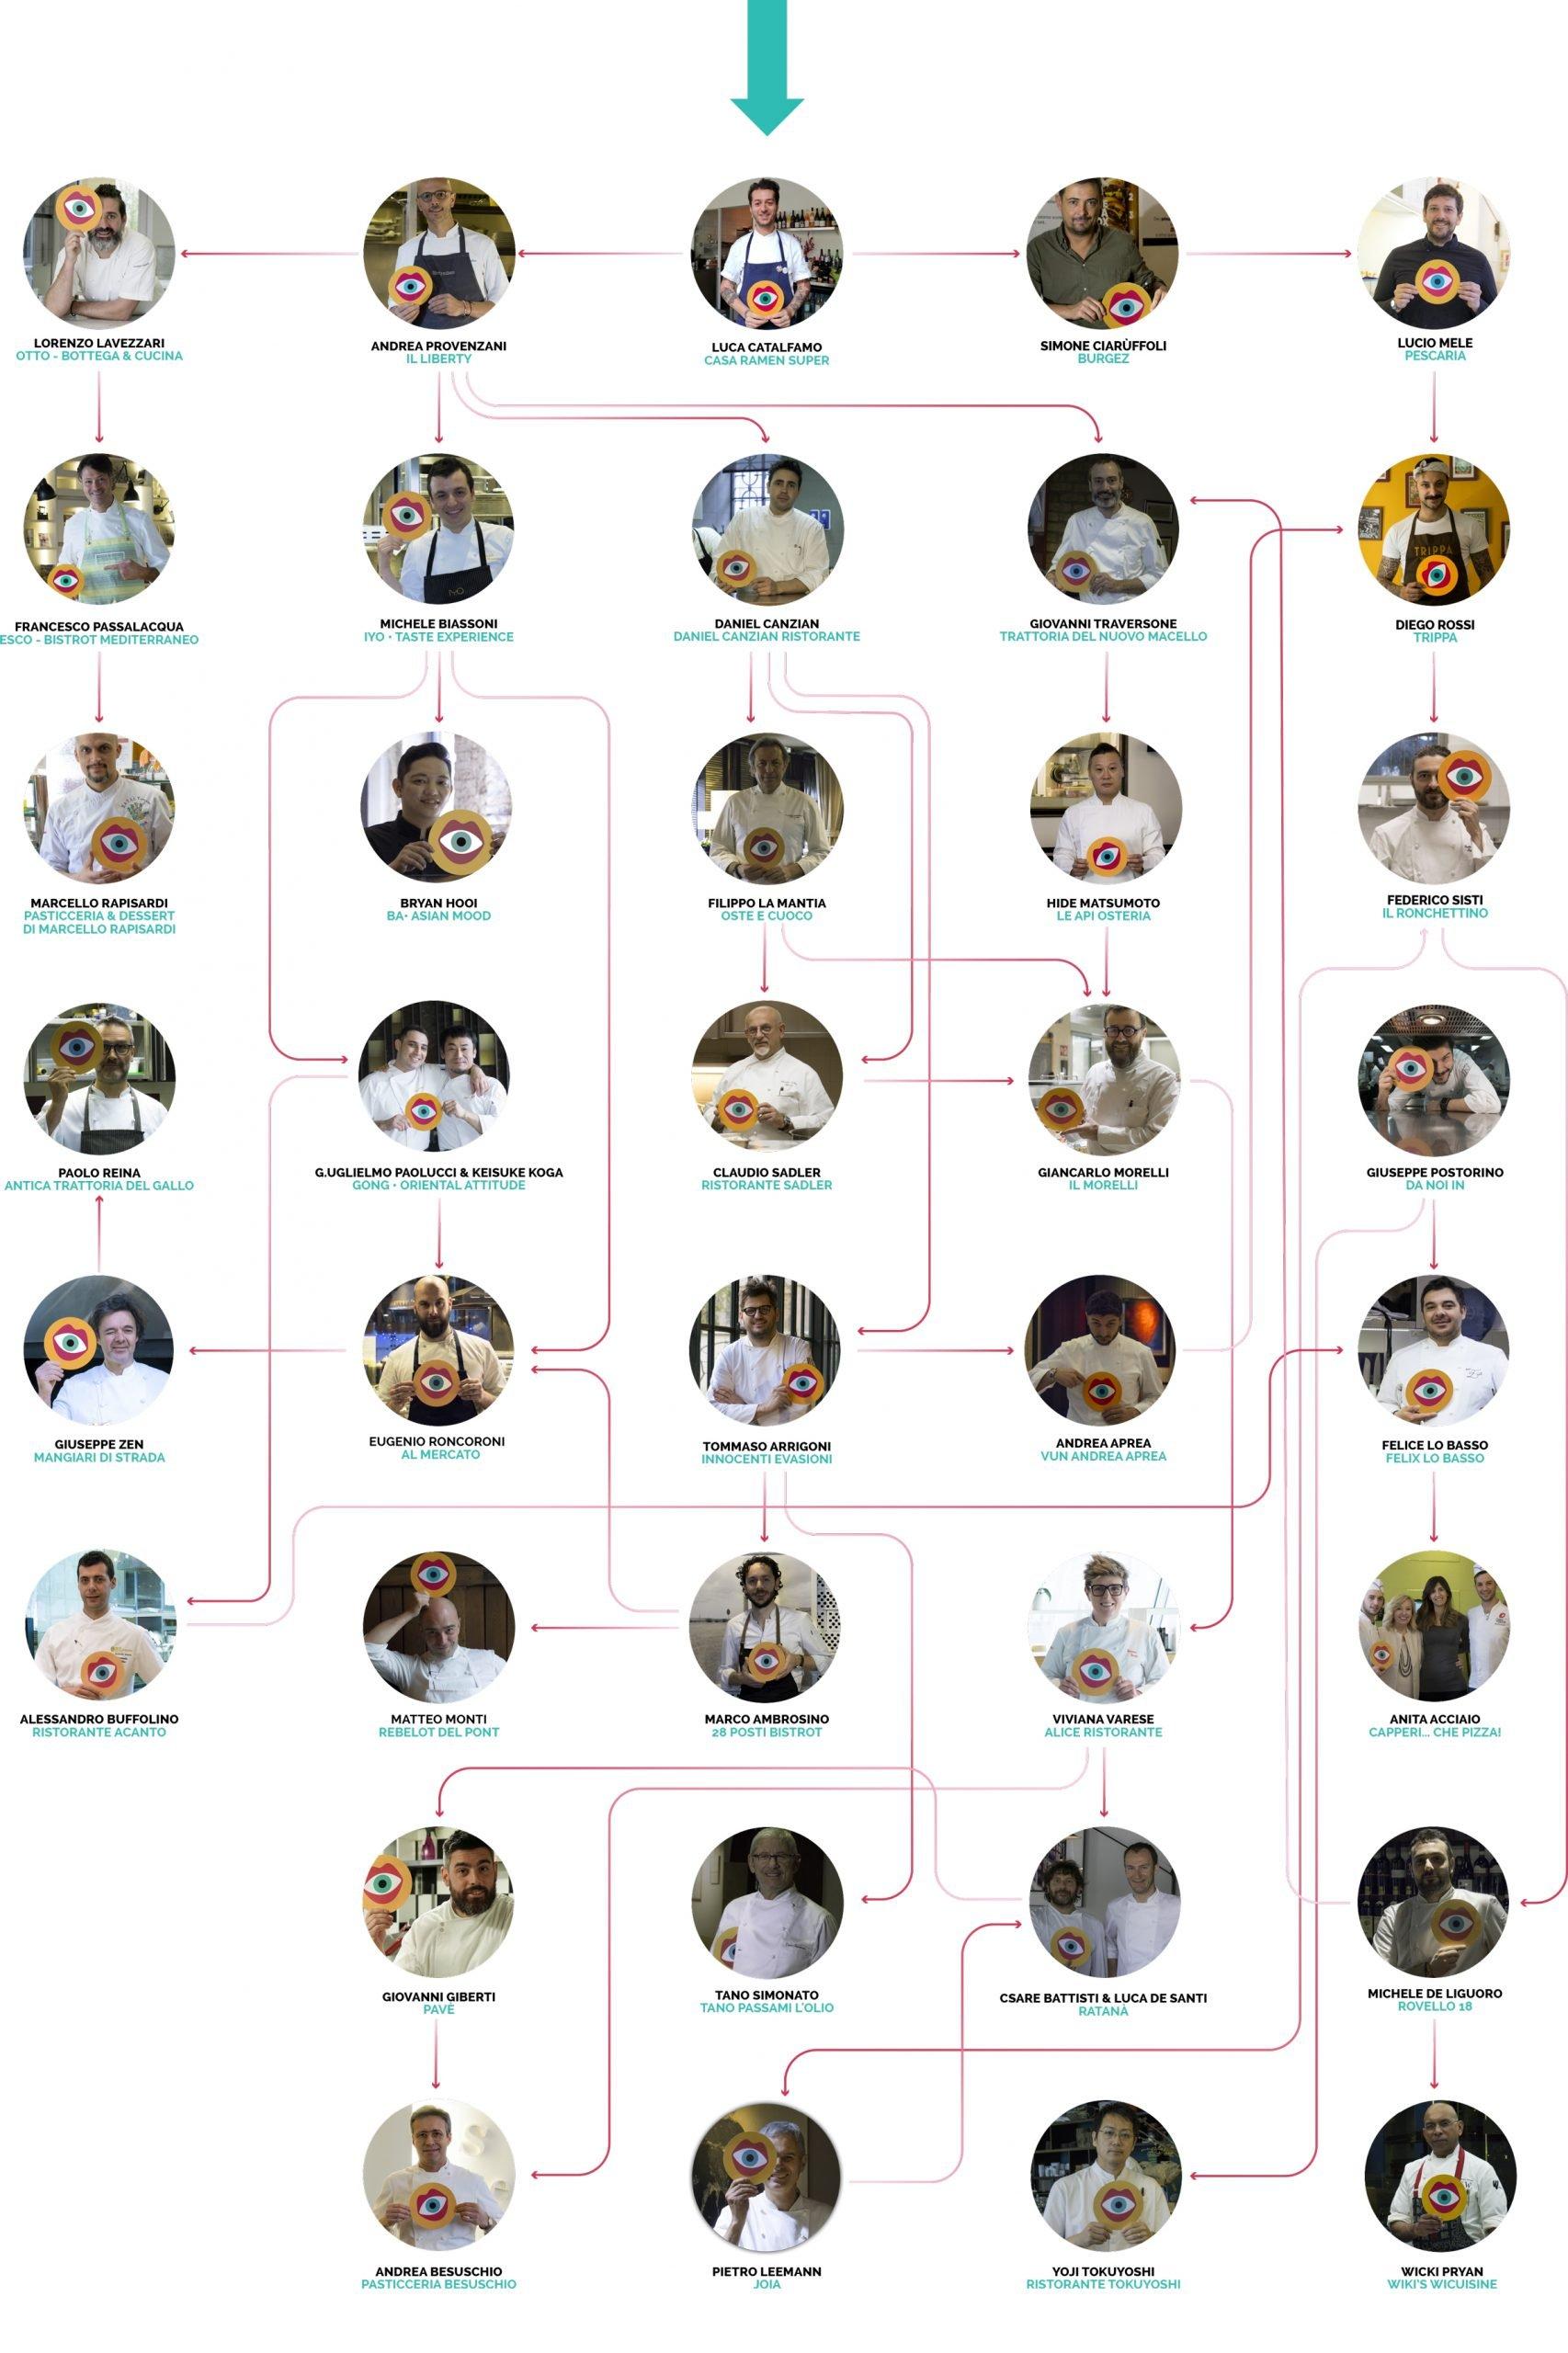 Sublime ricette in cibografica mappa chef sublime food design